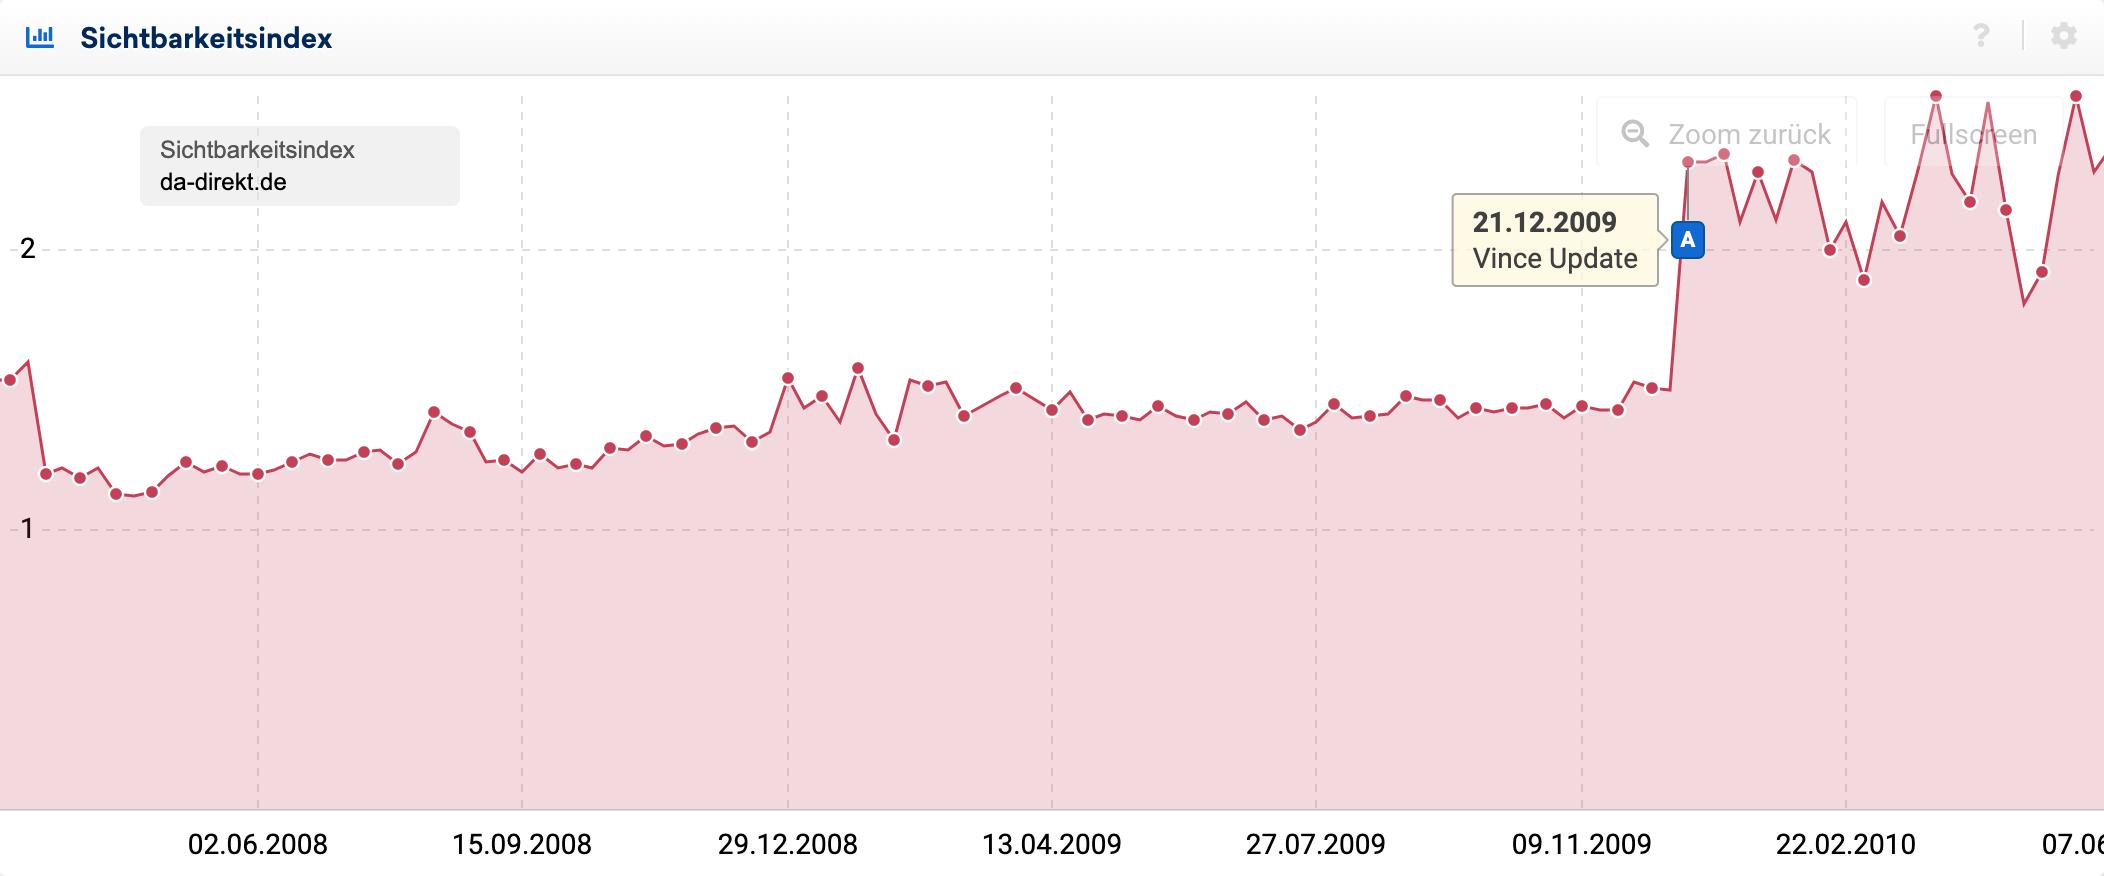 Einfluss des Google Vince Update auf die Sichtbarkeit von da-direkt. Der Sichtbarkeitsindex der Domain steigt in der Woche des Vince Updates um gut 100% an.